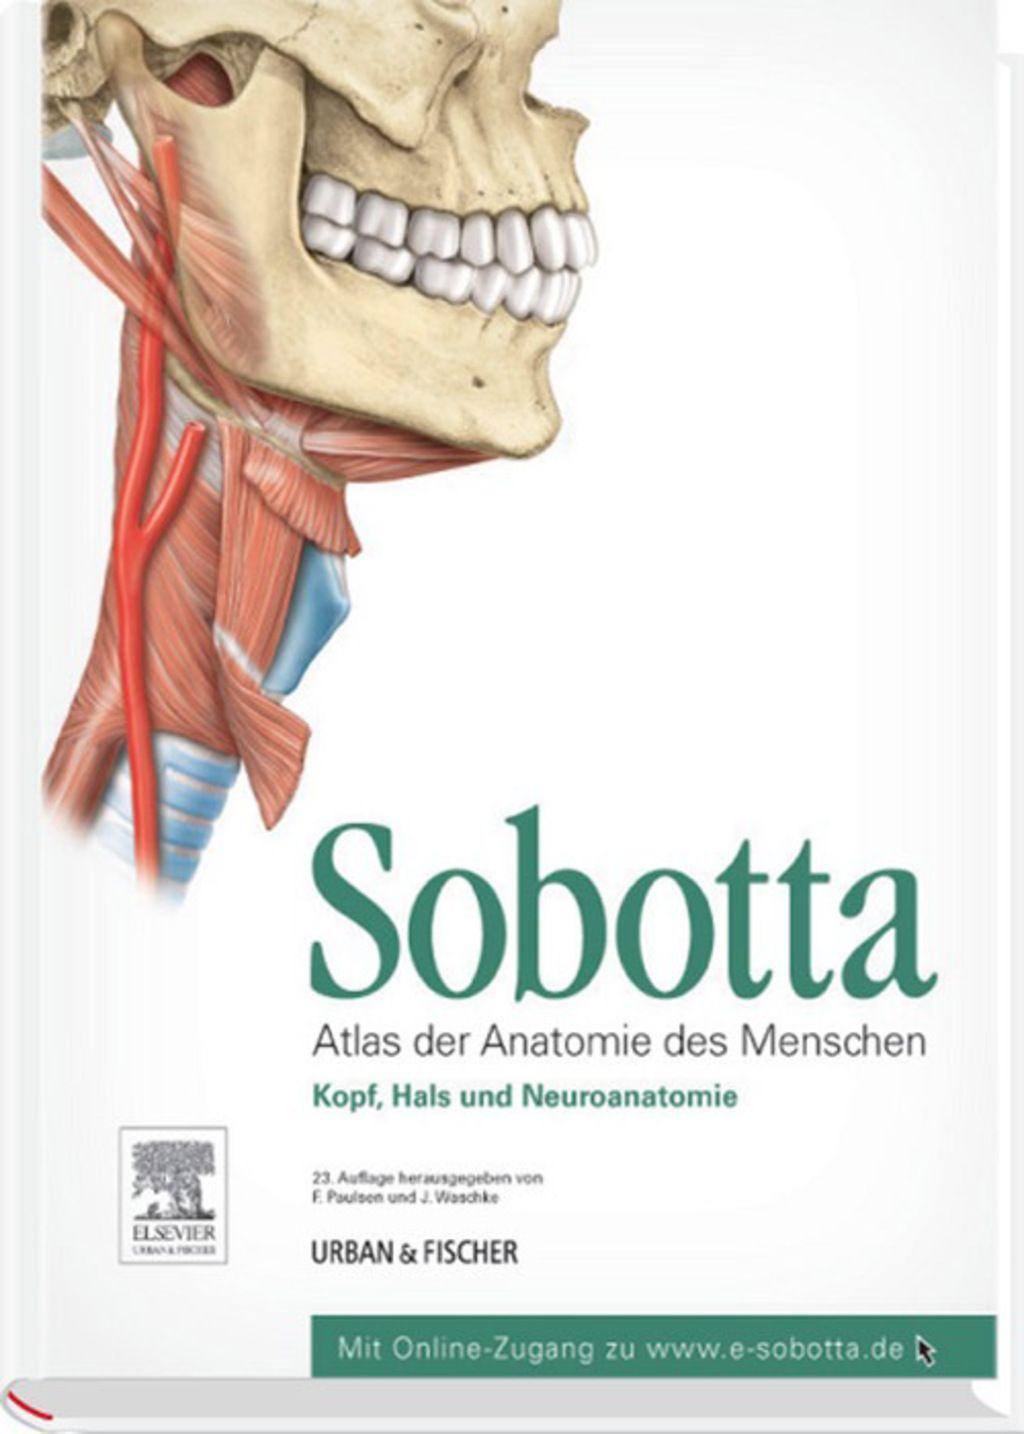 Atlas der Anatomie des MenschenPDF